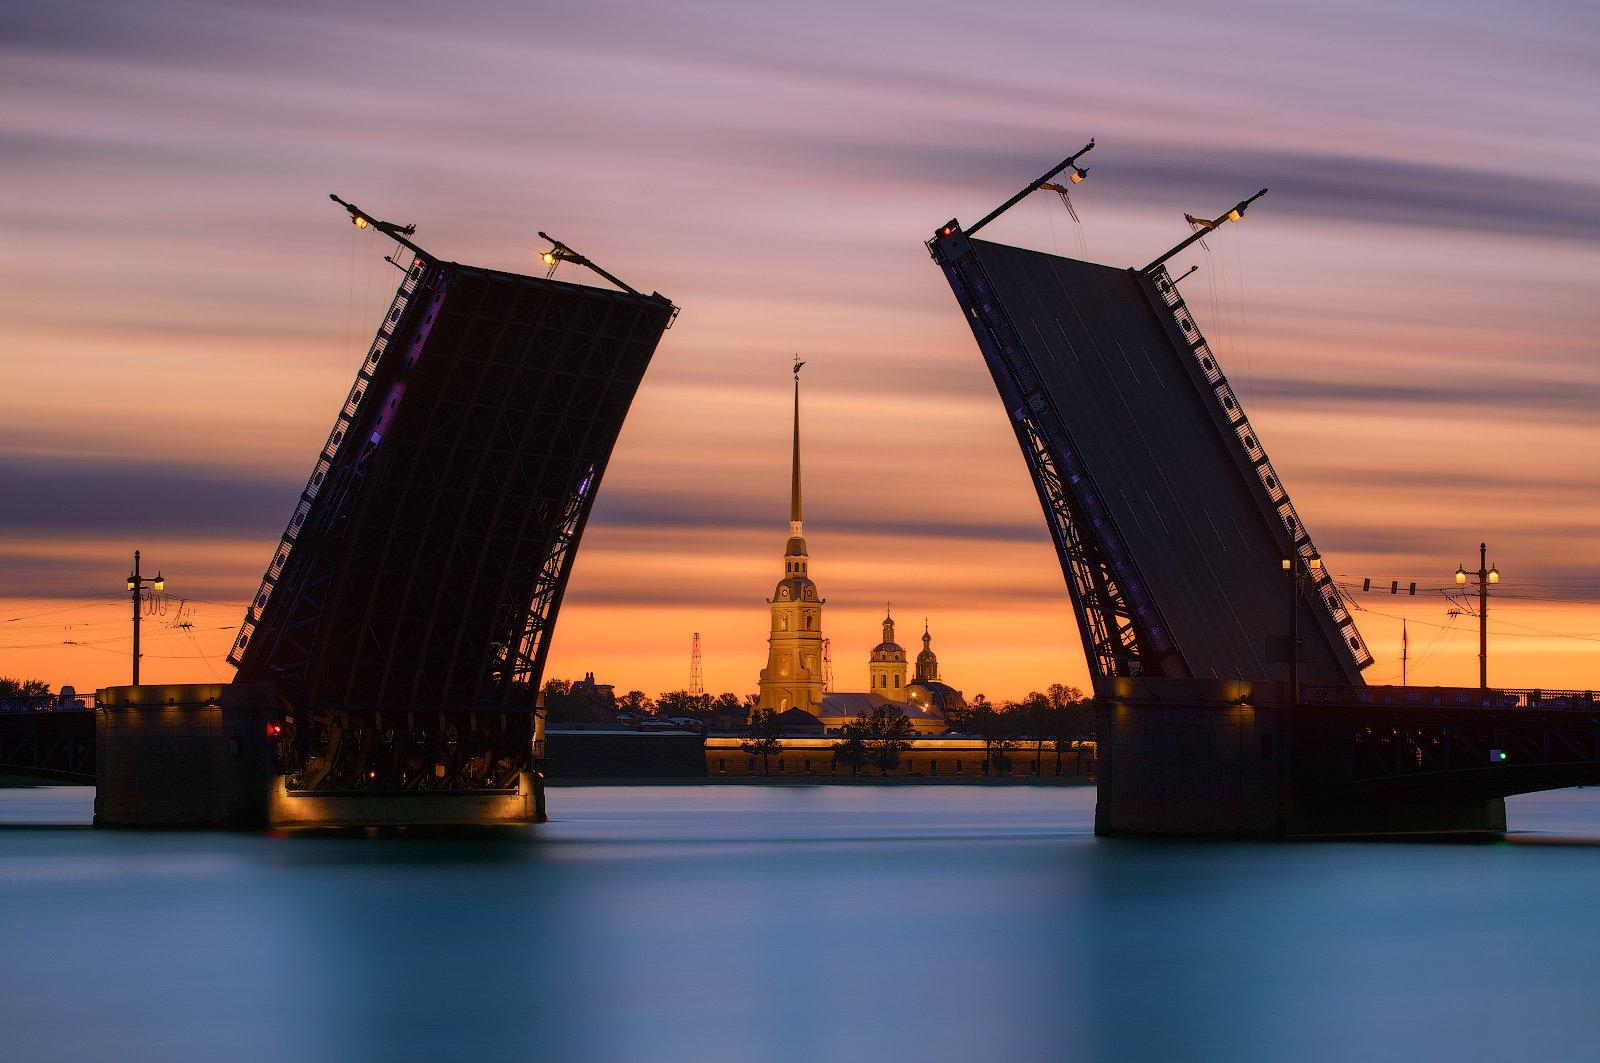 белые ночи, дворцовый мост, длинная выдержка, петпропавловка, рассвет, санкт петербург, Sergey Louks